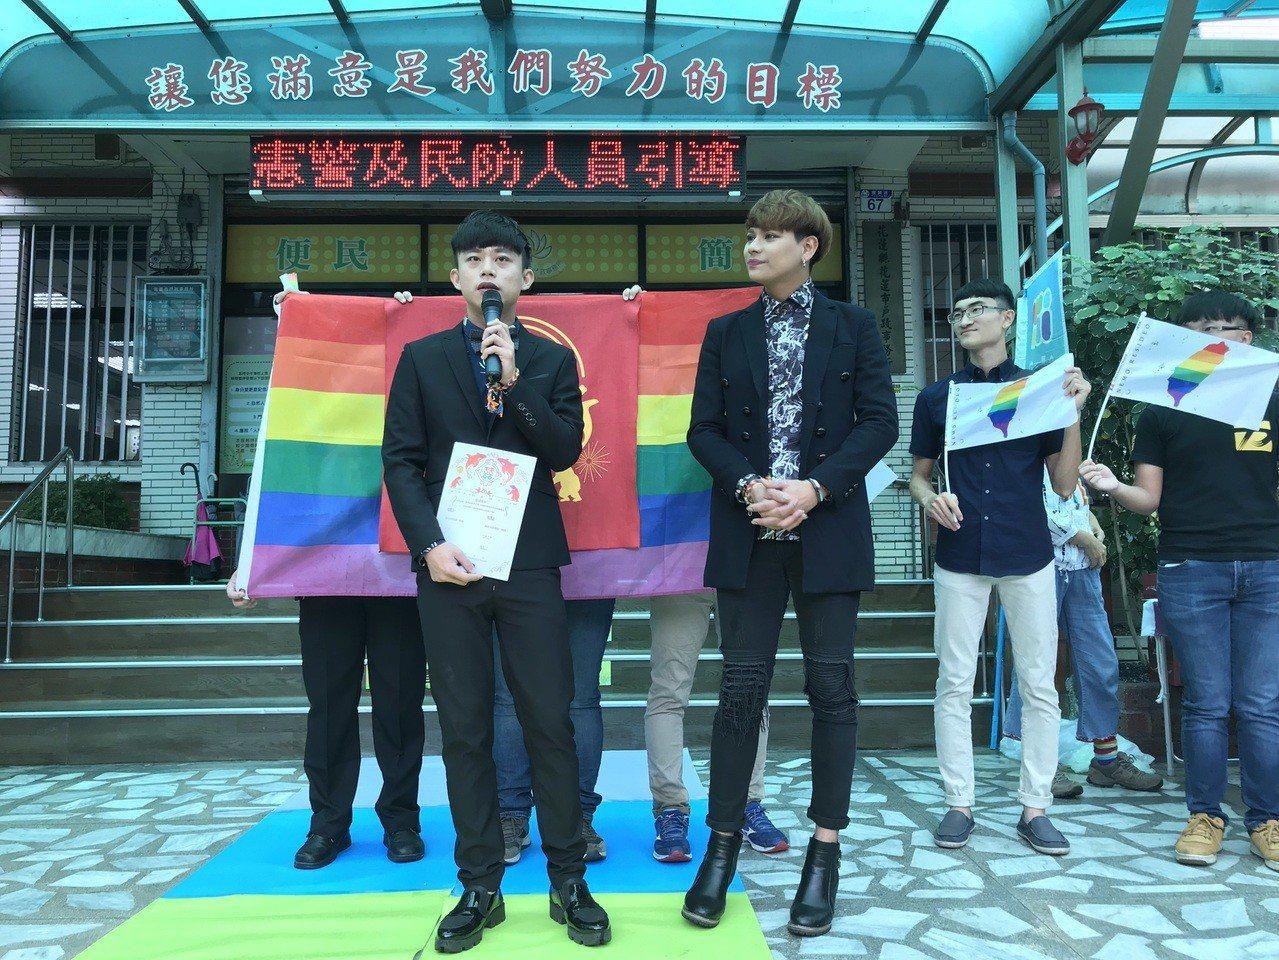 花蓮新人李緯(左)與亞森今天辦登記。記者王燕華/攝影